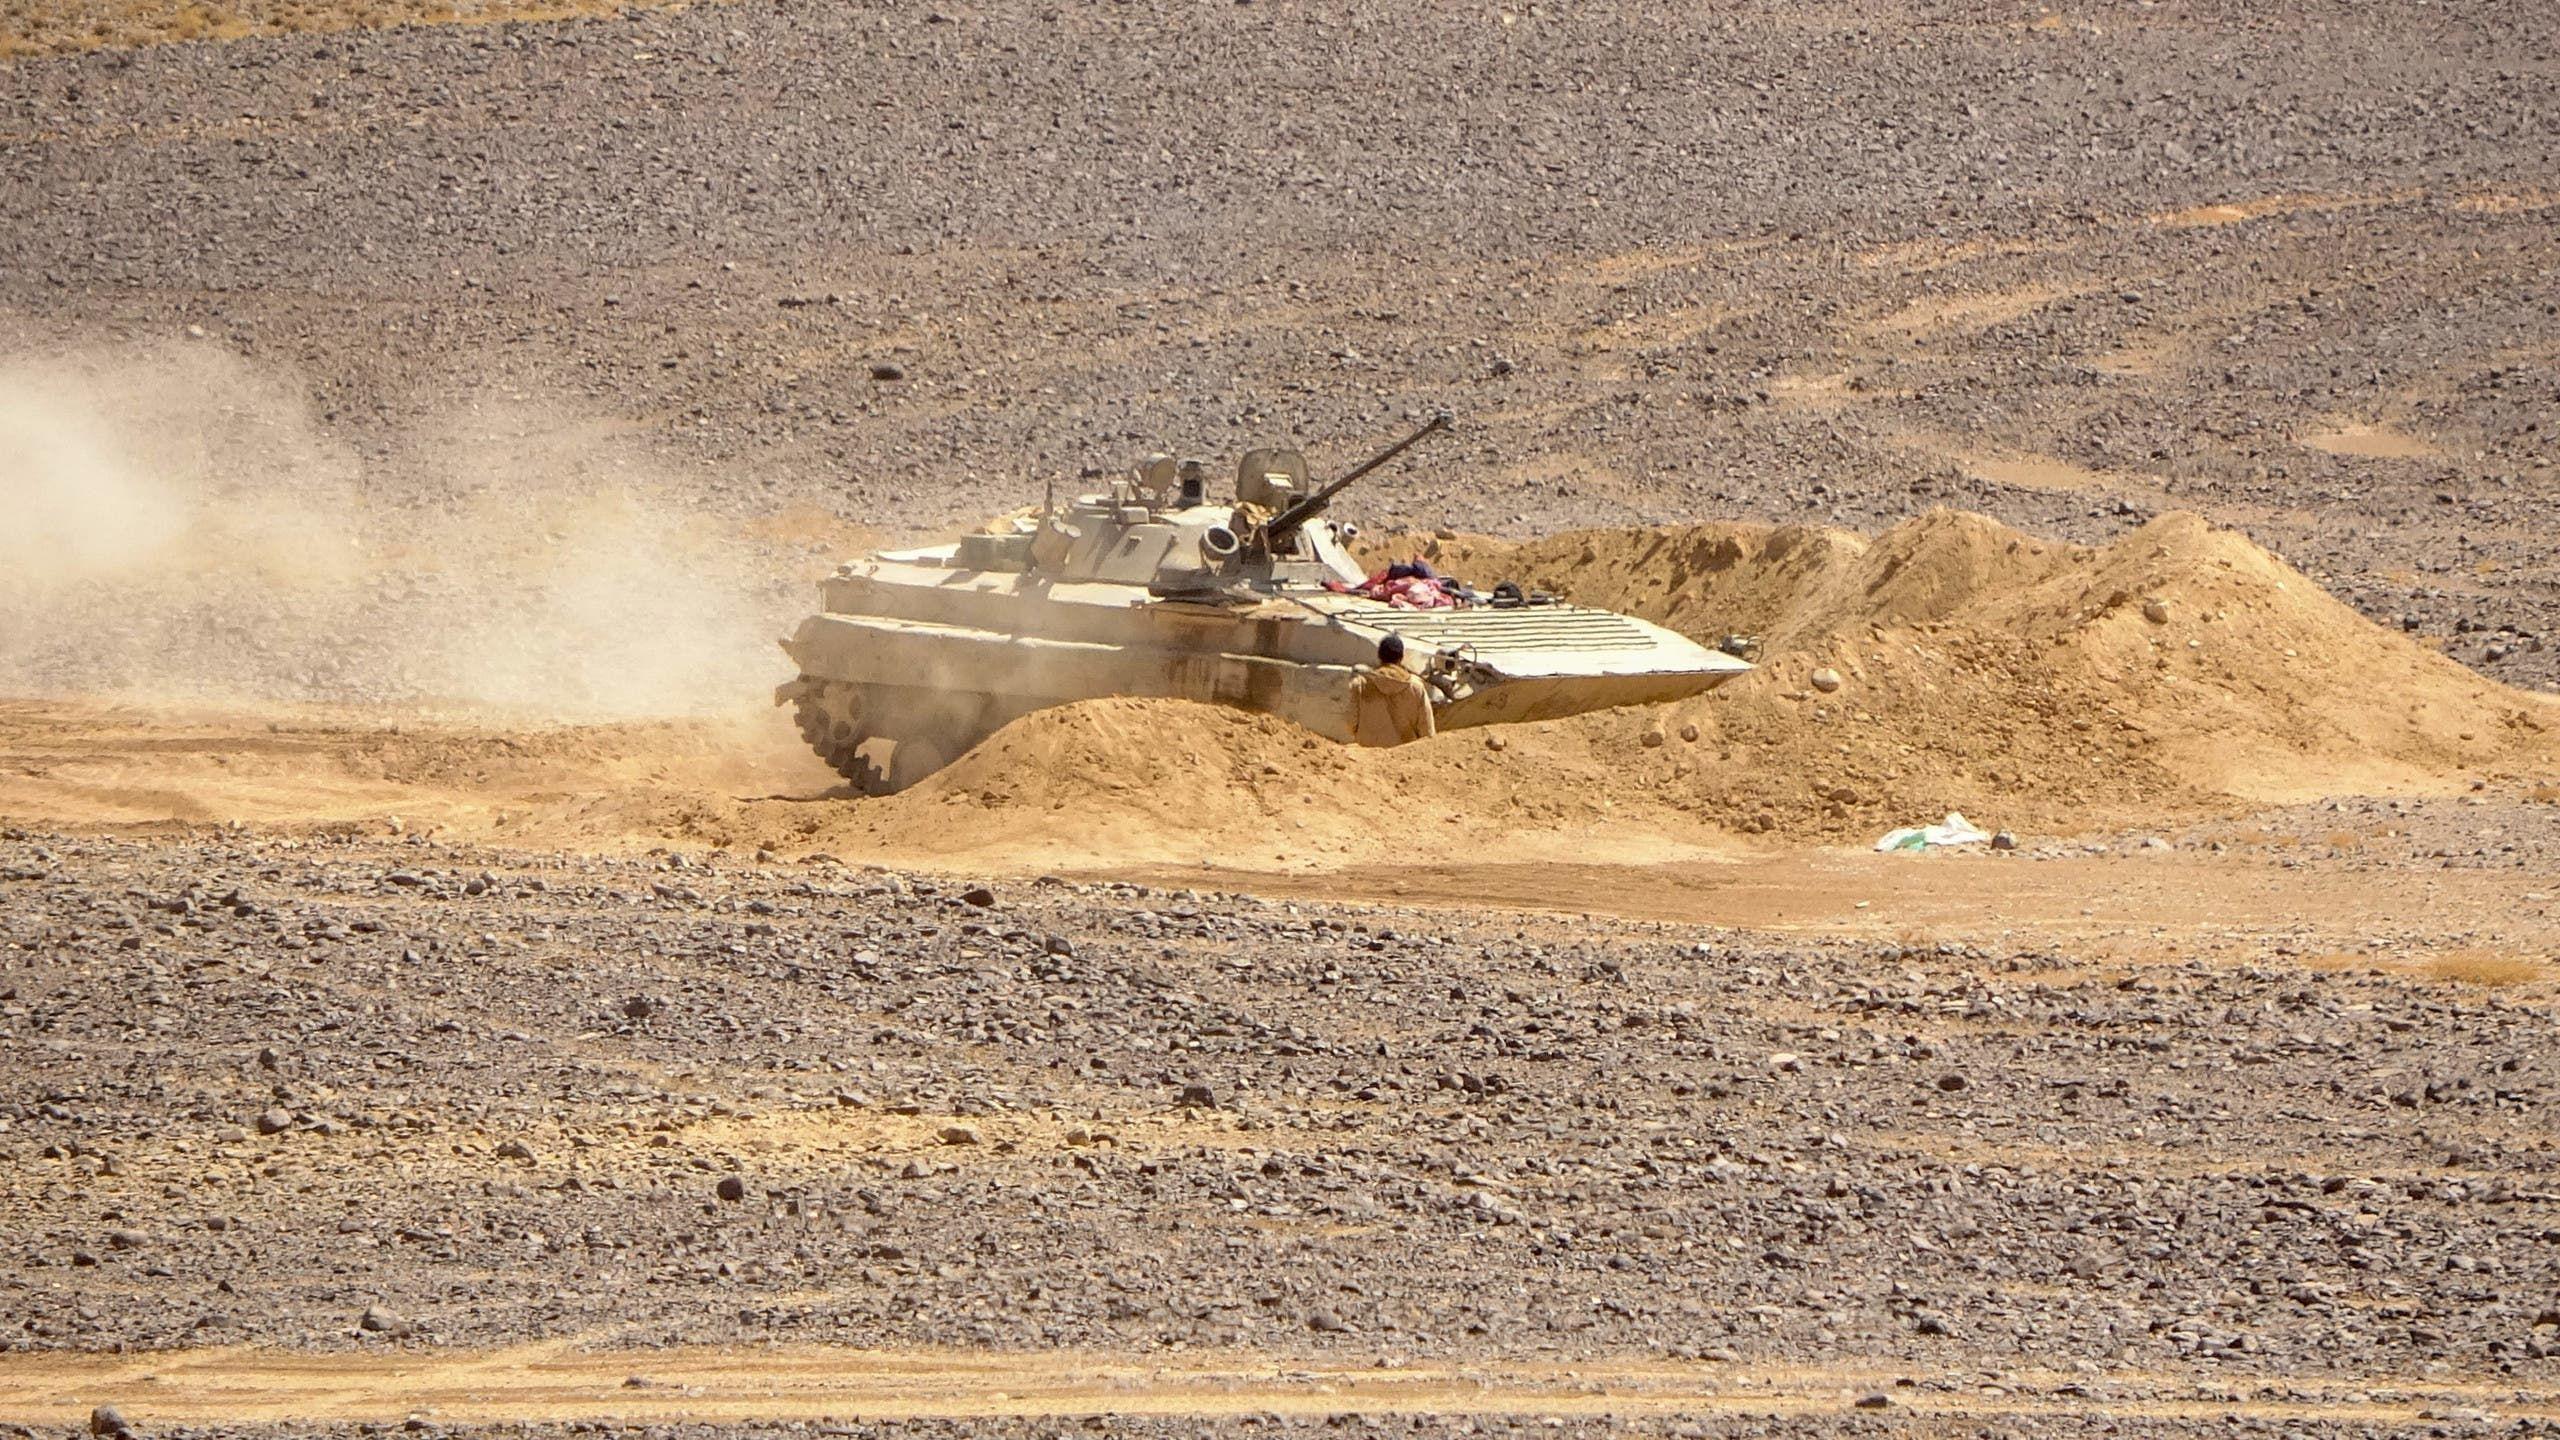 قوات من الجيش اليمني في مأرب (أرشيفية من فرانس برس)